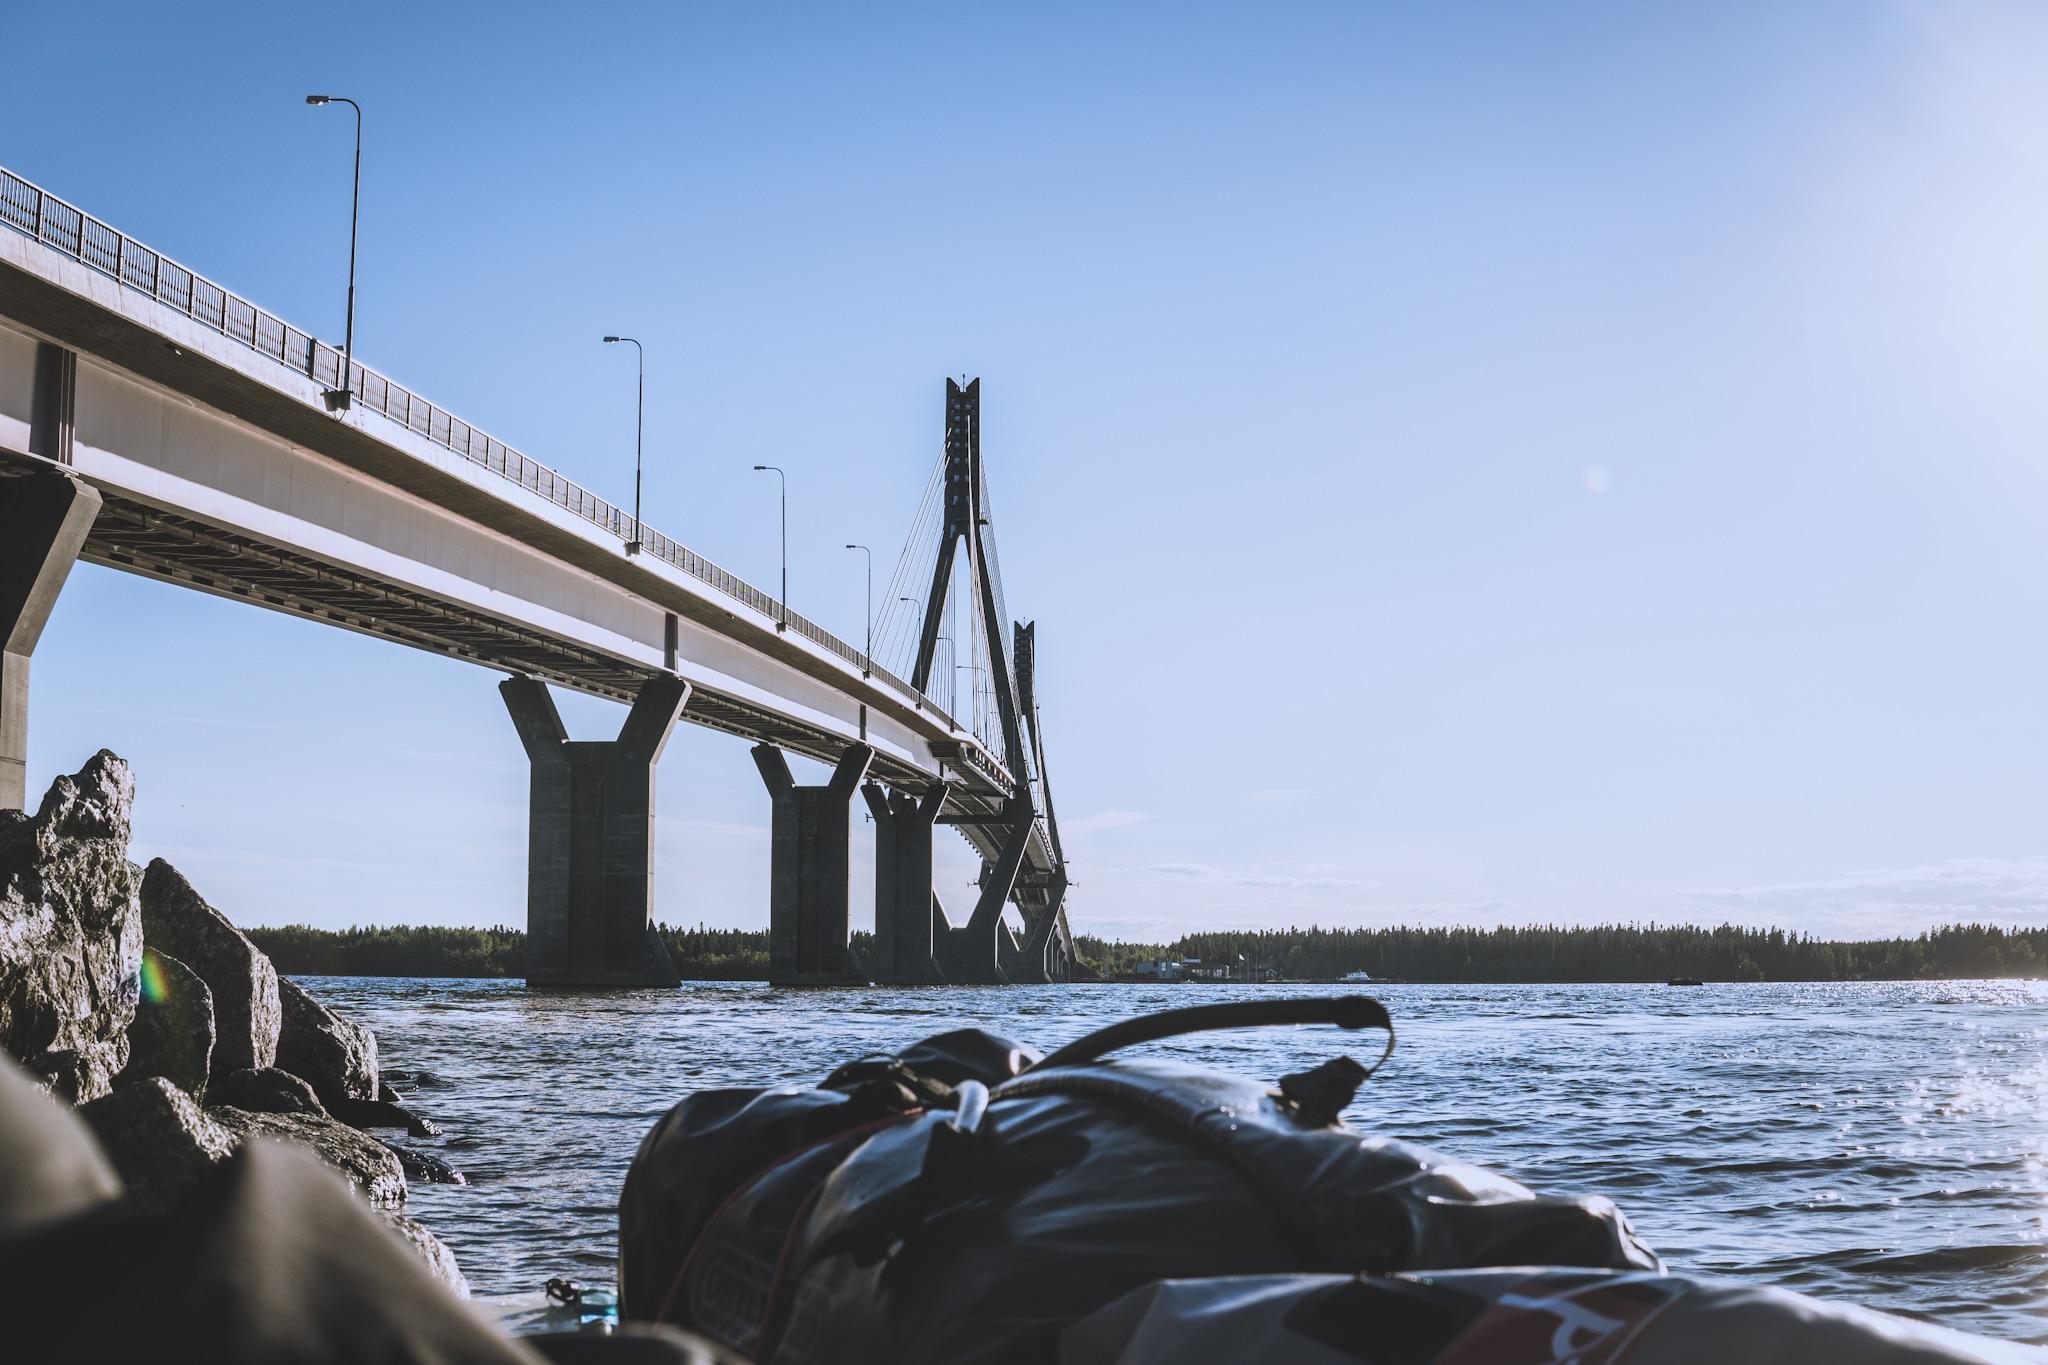 Tauolla sillan kupeessa. Kuvaaminen oli hankalaa, koska sillan alla oli todella kova virtaus.